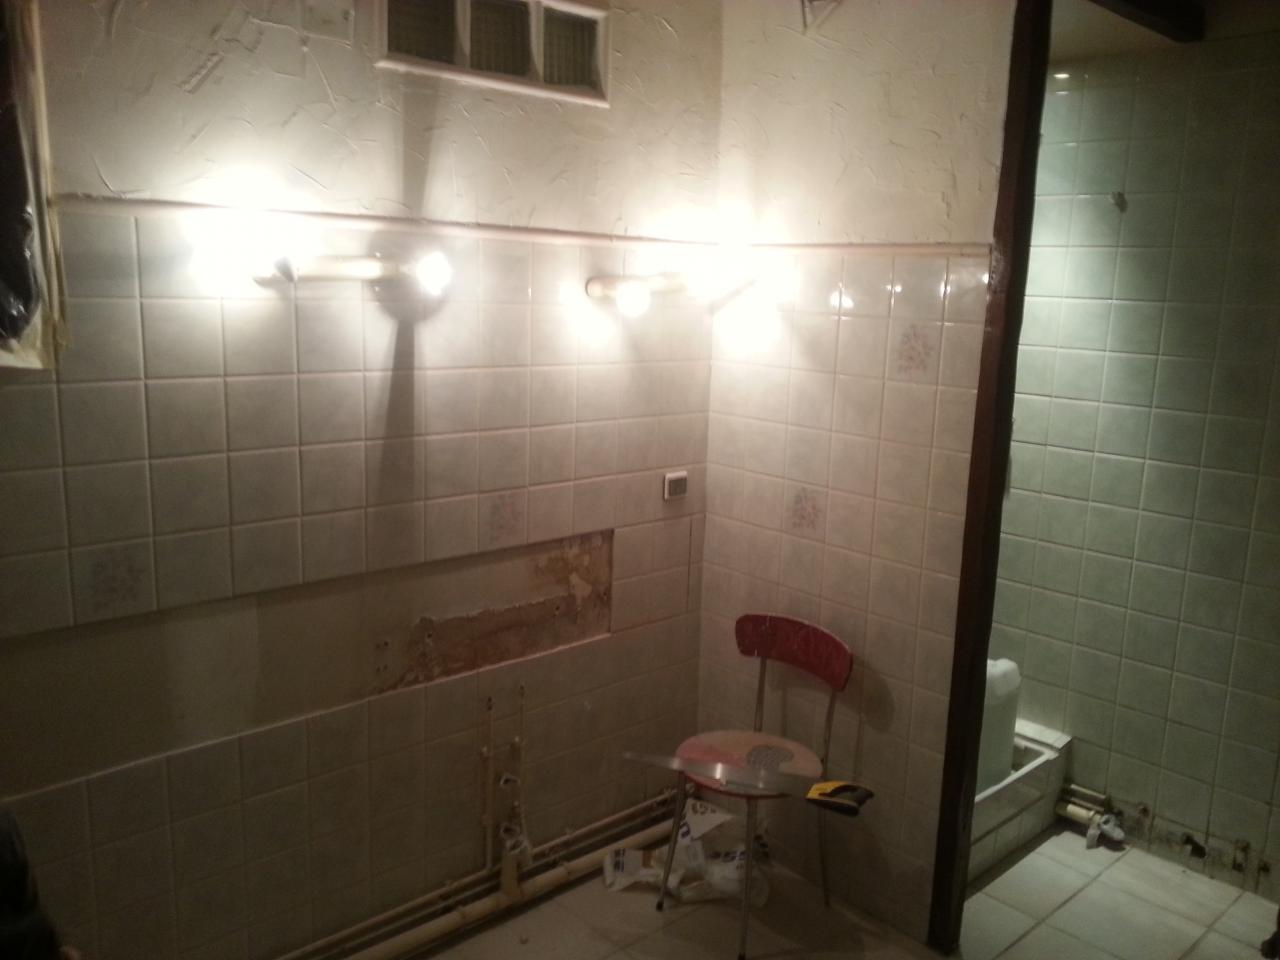 Odeur 201 gout salle de 28 images suite de seize for Odeur dans la salle de bain